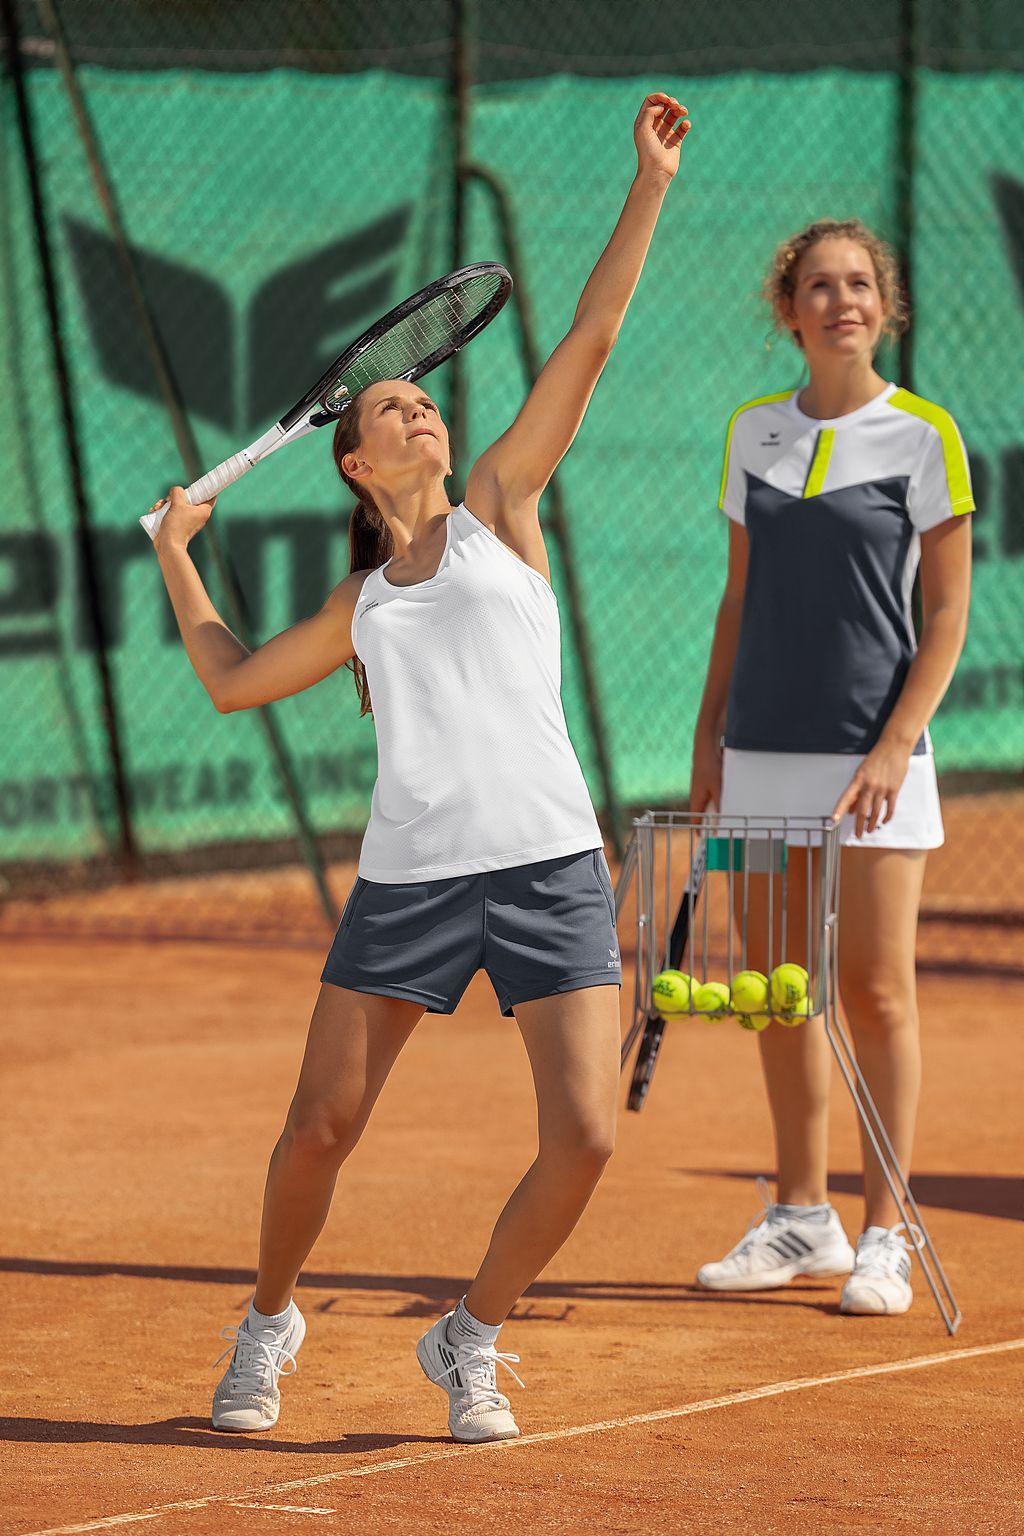 Tennis Regeln und Zählweise einfach erklärt